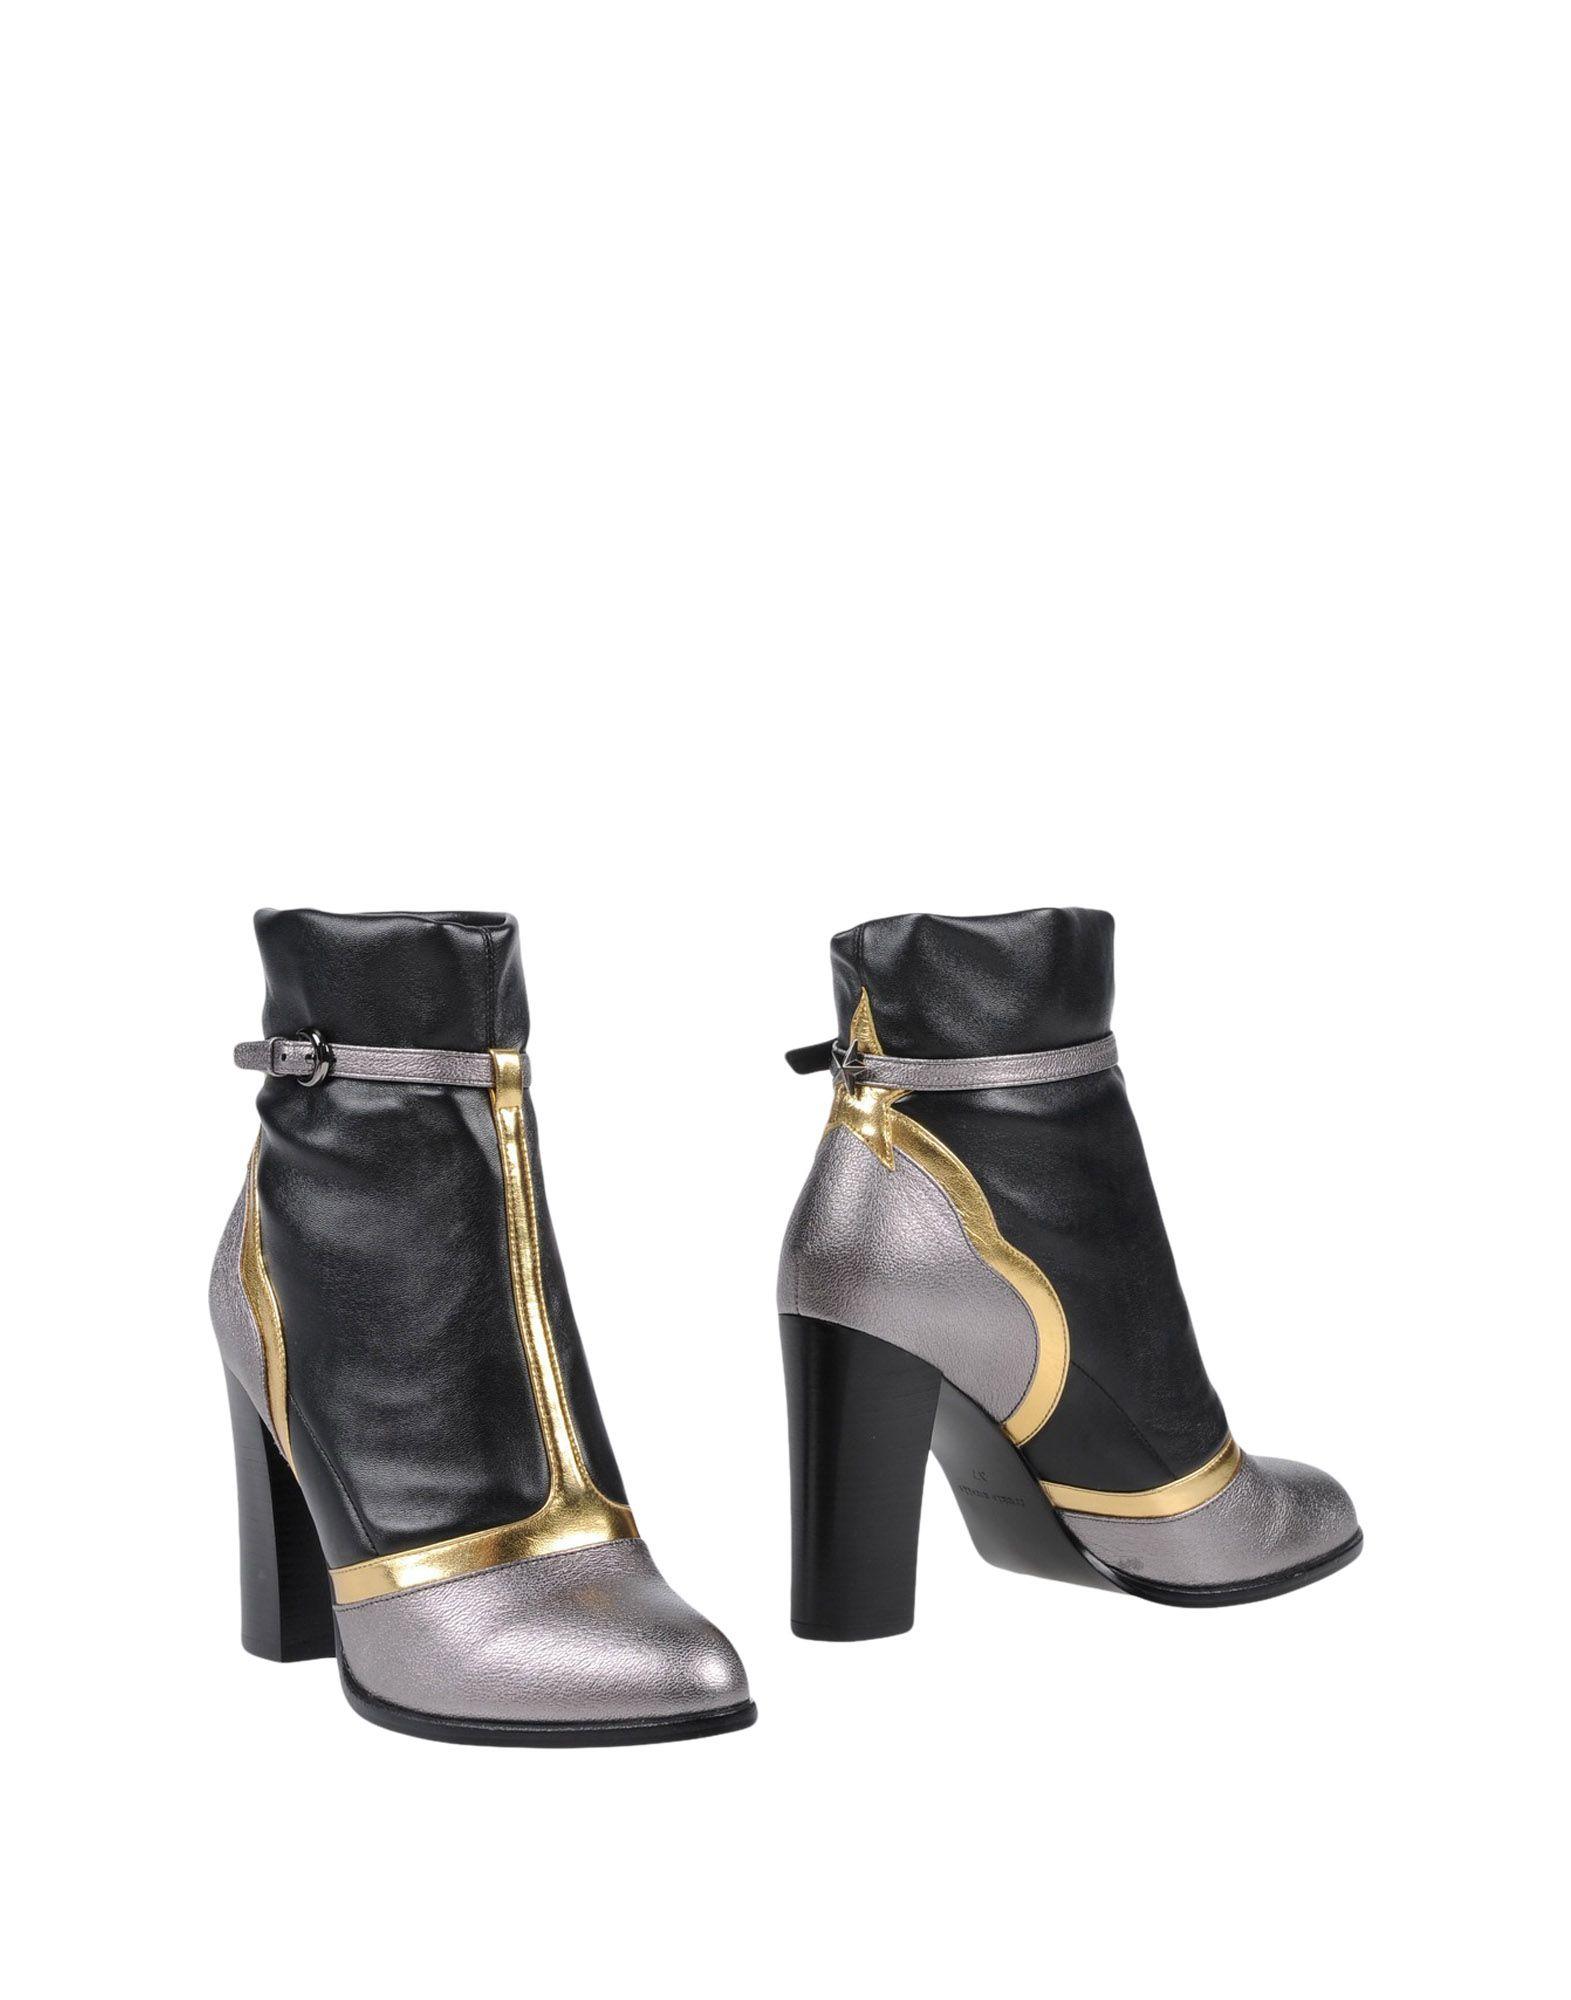 Frankie Morello Ankle Boot - Women Frankie on Morello Ankle Boots online on Frankie  Australia - 11450522HB ba595e